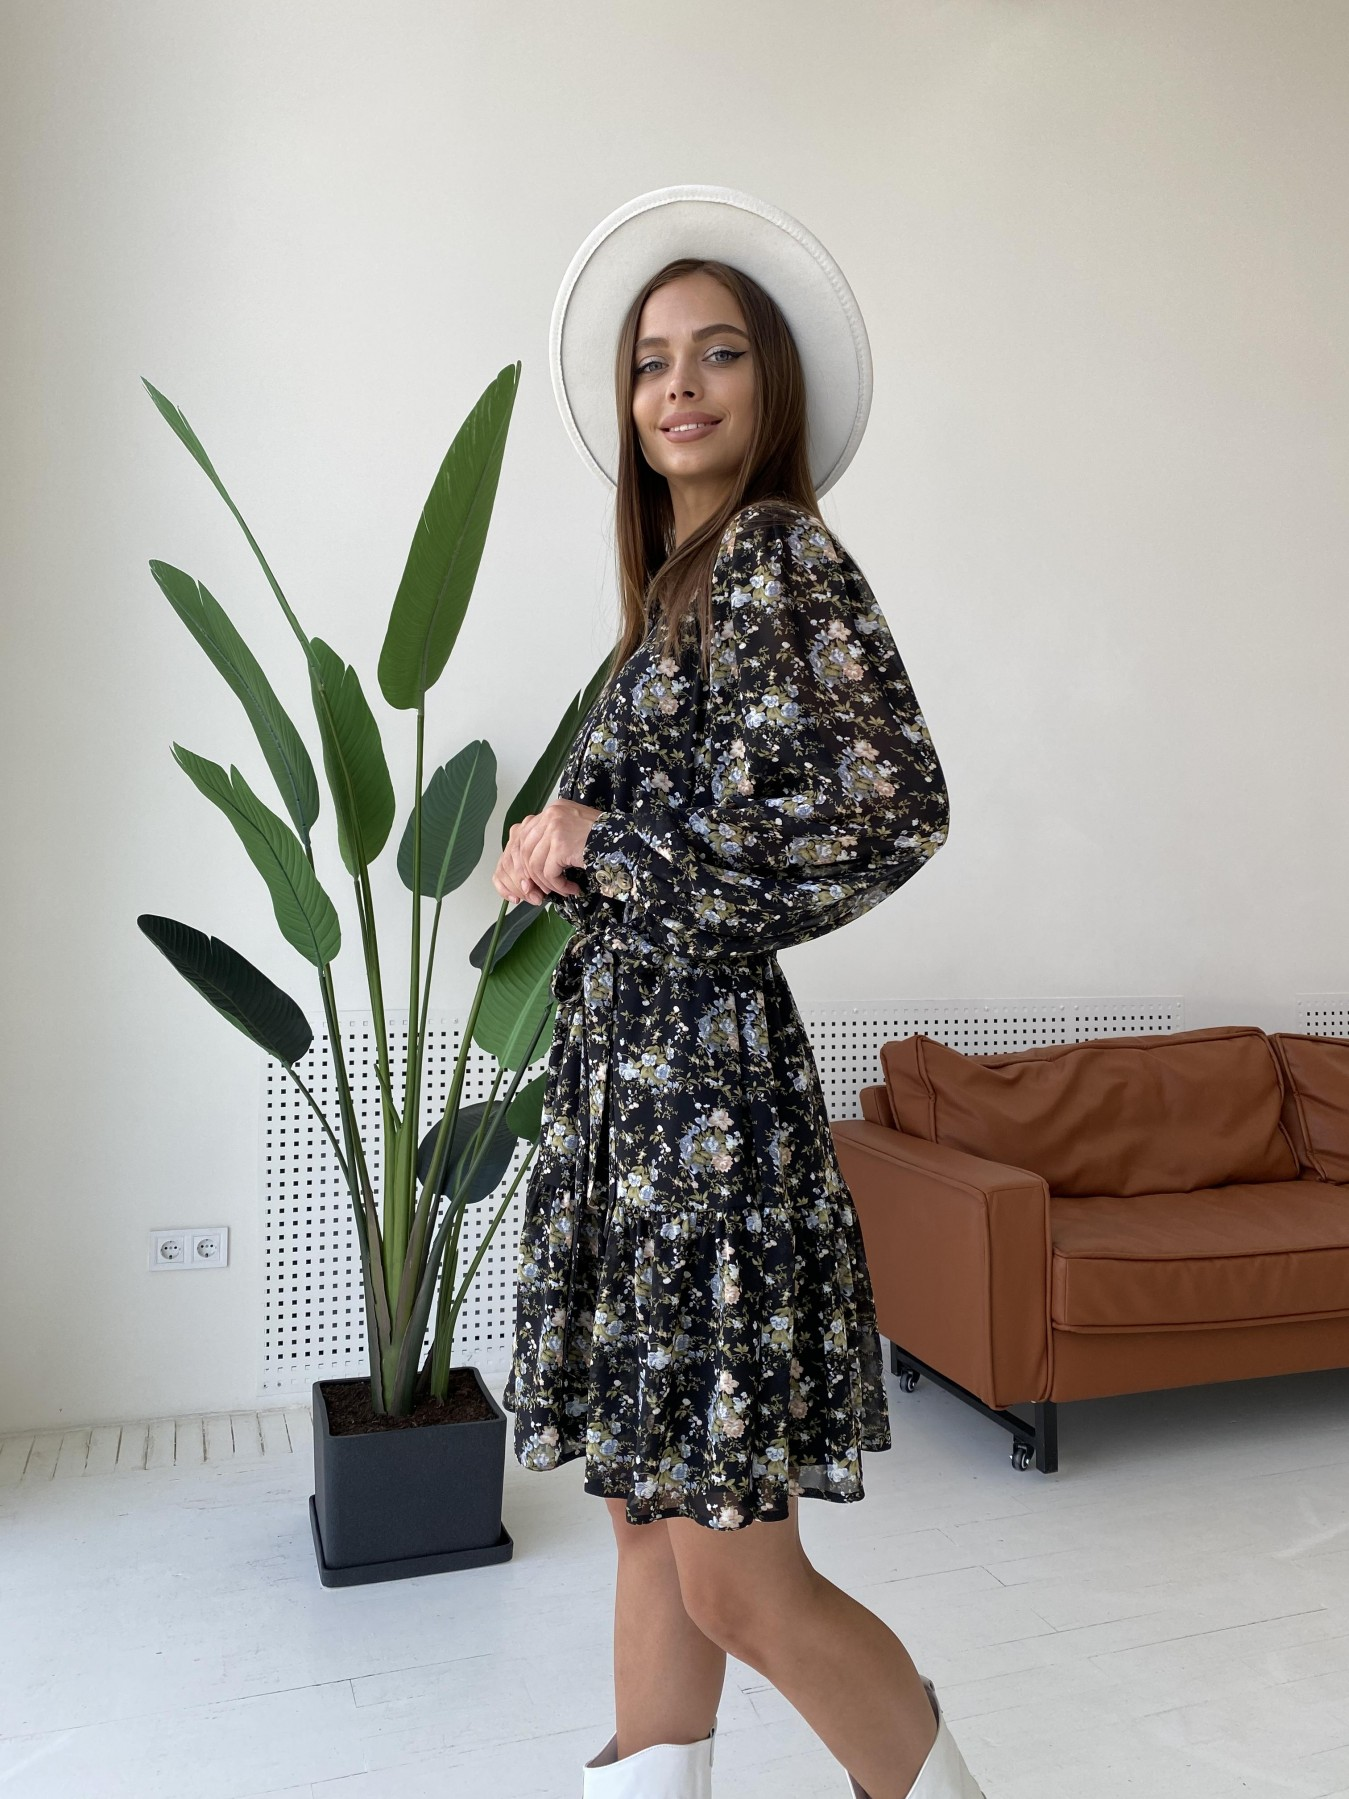 Молизе платье из шифона длиной мини с длинным рукавом в цветочной расцветке 11683 АРТ. 48411 Цвет: Черный/беж/голубой/БукетЦв - фото 5, интернет магазин tm-modus.ru